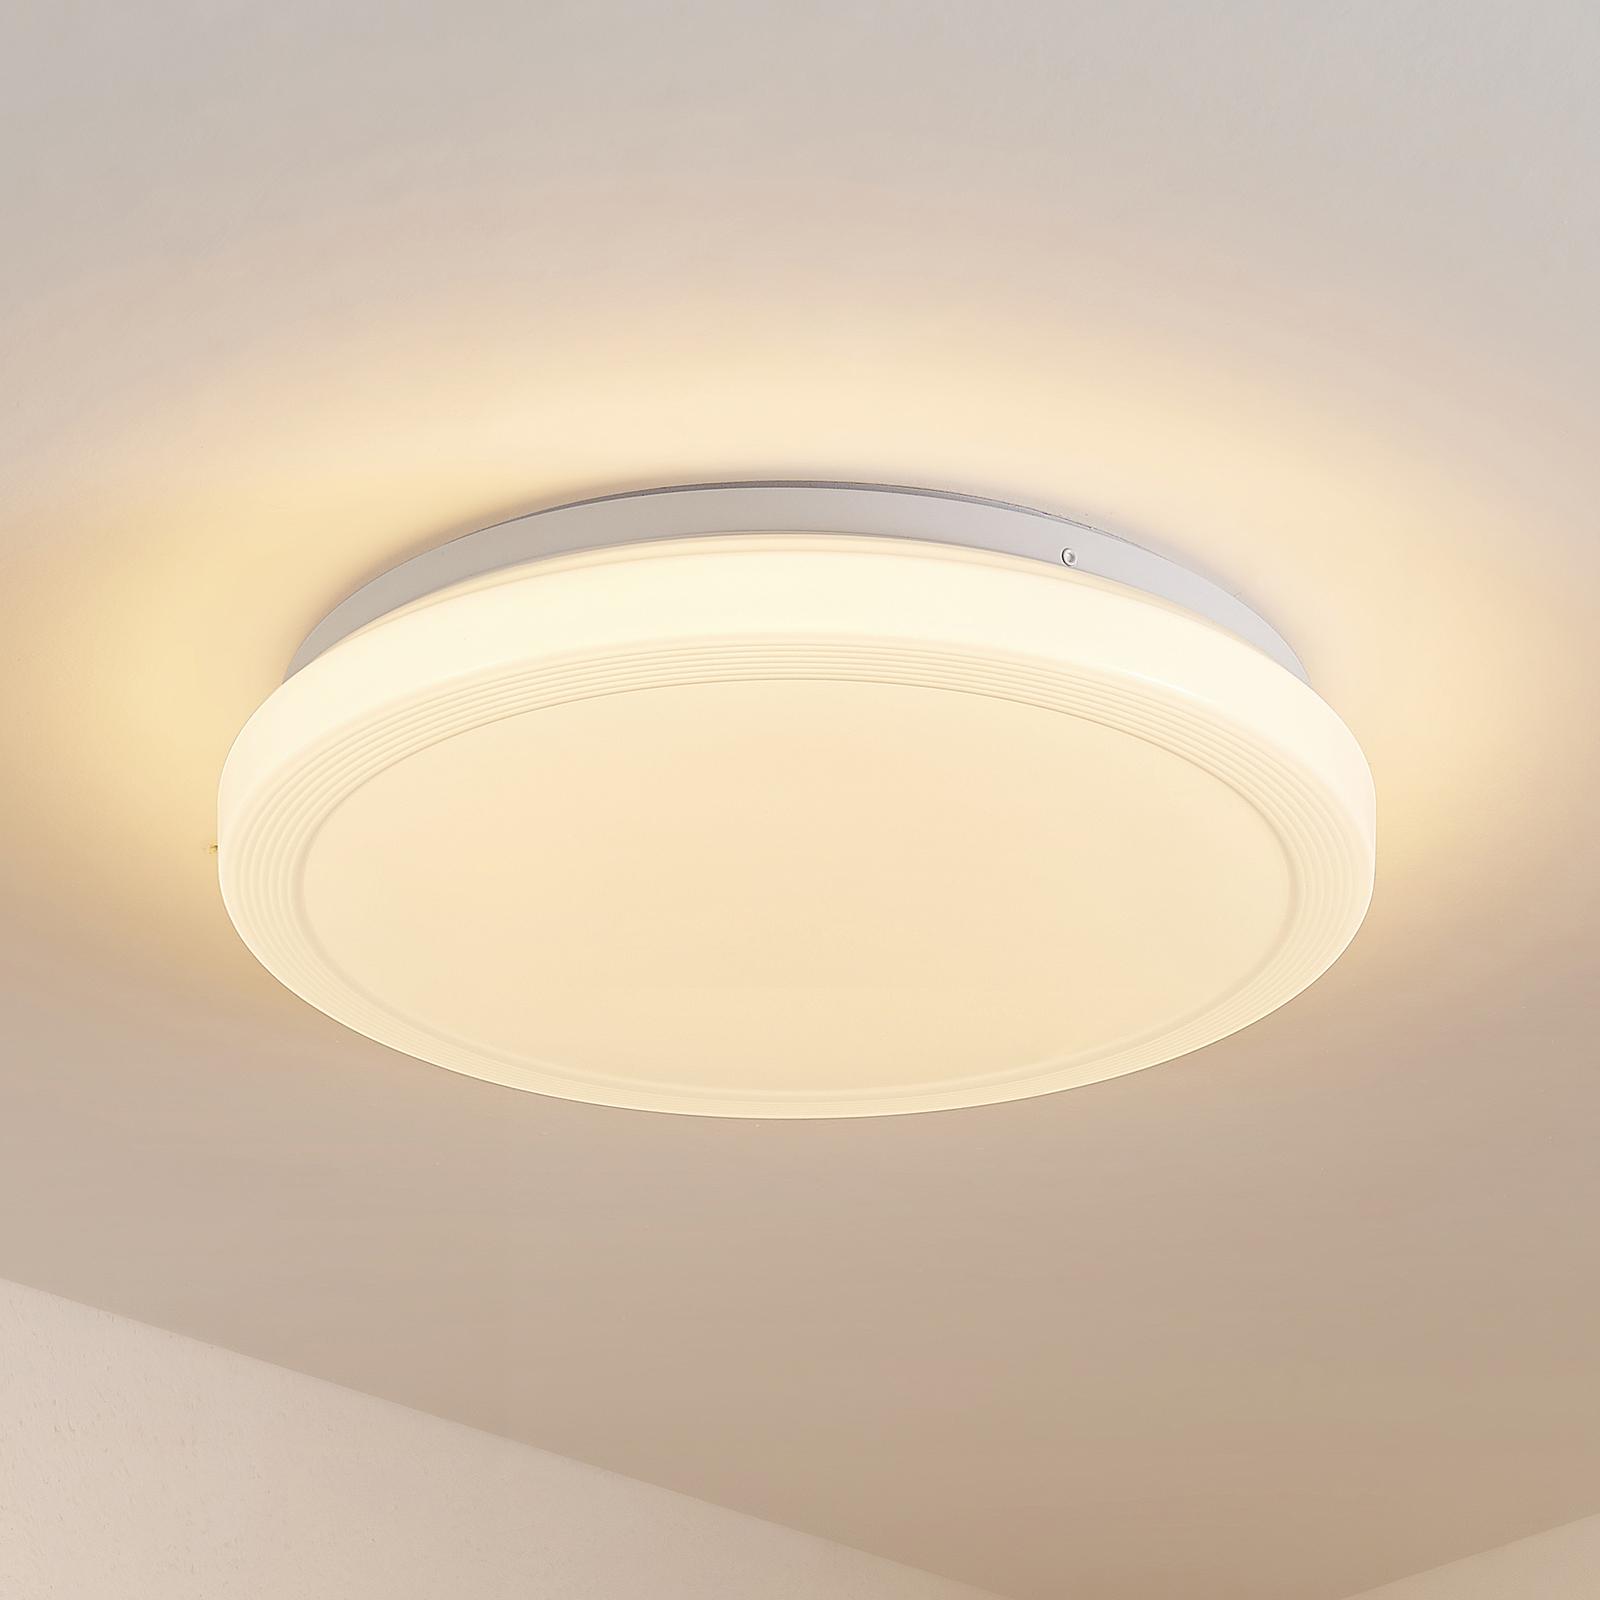 Lindby Dimano LED stropní svítidlo